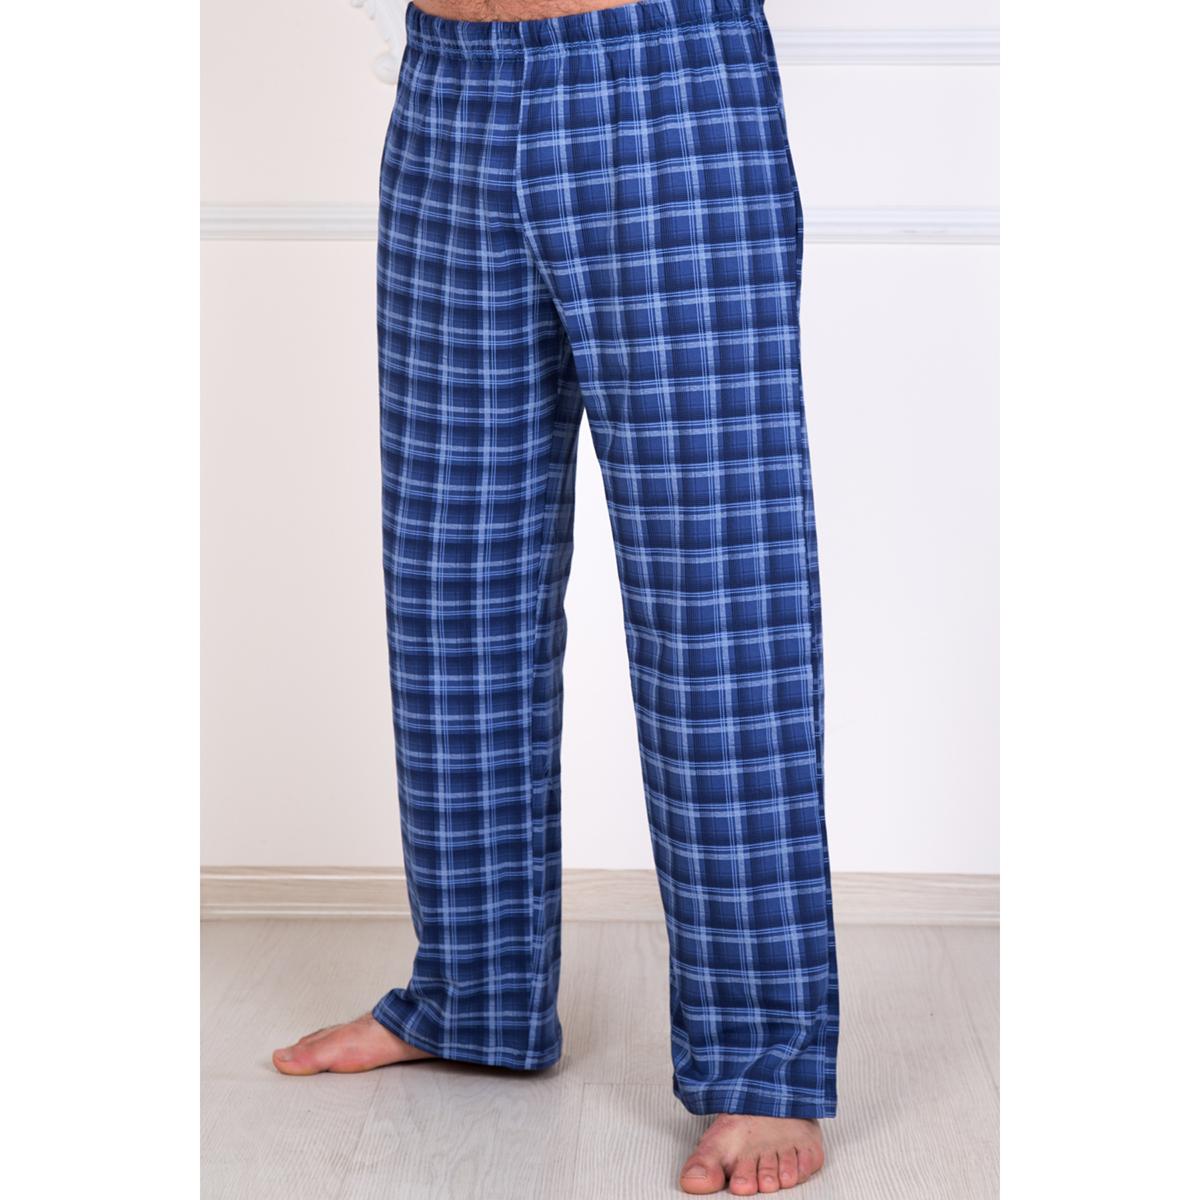 Мужские брюки Клетка, размер 64Брюки<br>Обхват груди:128 см<br>Обхват талии:124 см<br>Обхват бедер:128 см<br>Рост:178-188 см<br><br>Тип: Муж. брюки<br>Размер: 64<br>Материал: Кулирка